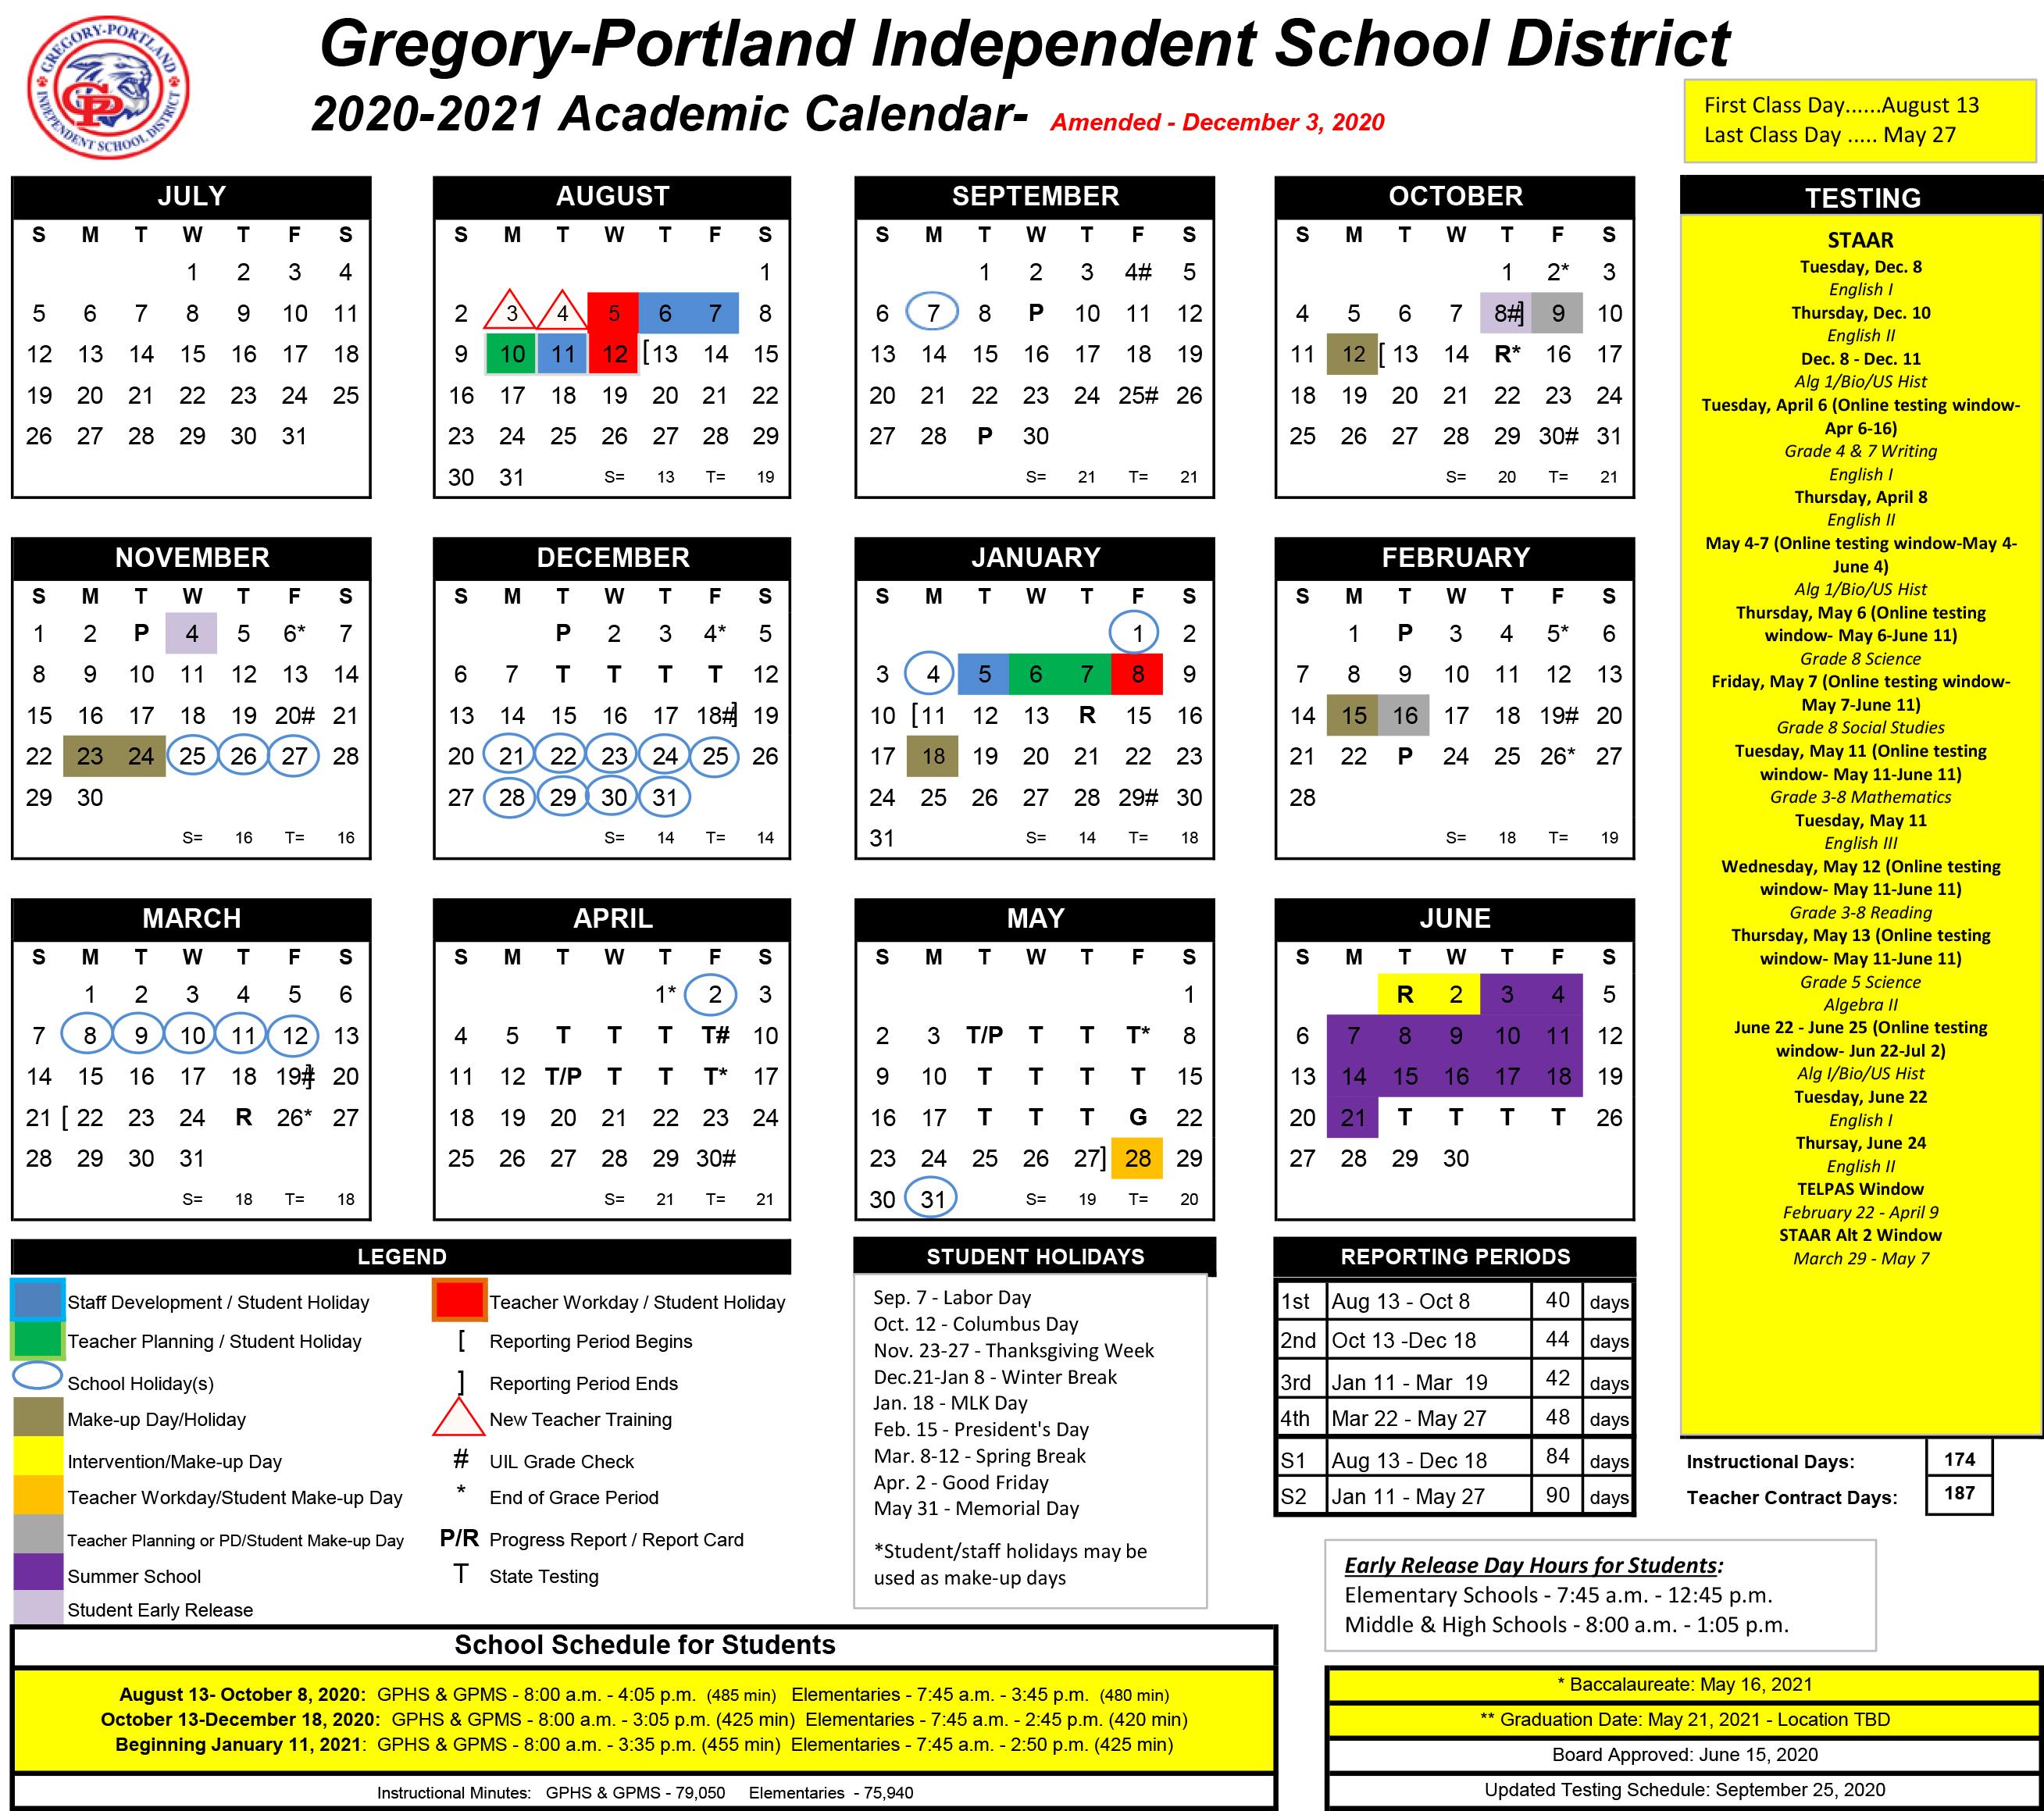 Portland Public Schools Calendar 2022.District Calendar 2020 21 Gregory Portland Independent School District